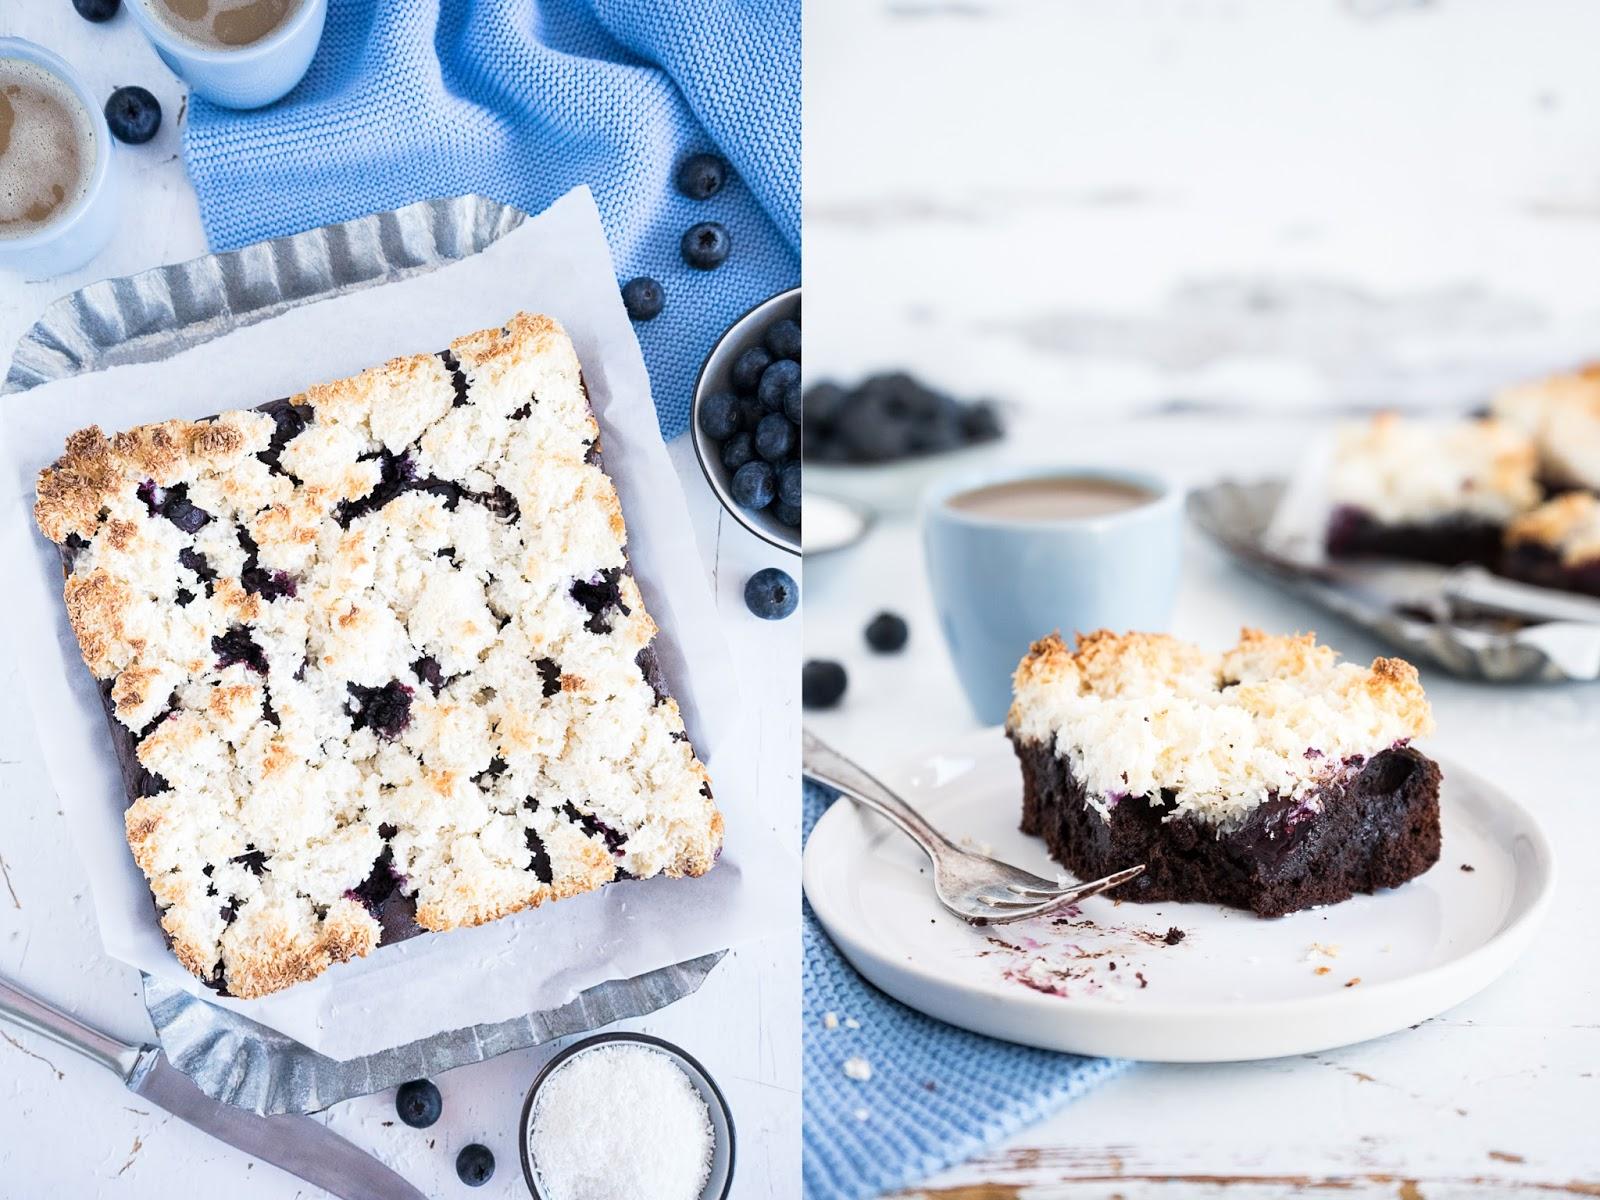 Ich weiß das Versuchung groß ja beinahe überwältigend ist direkt ein noch warmes Stück des Kuchen zu probieren Aber ich rate davon ab denn erstens